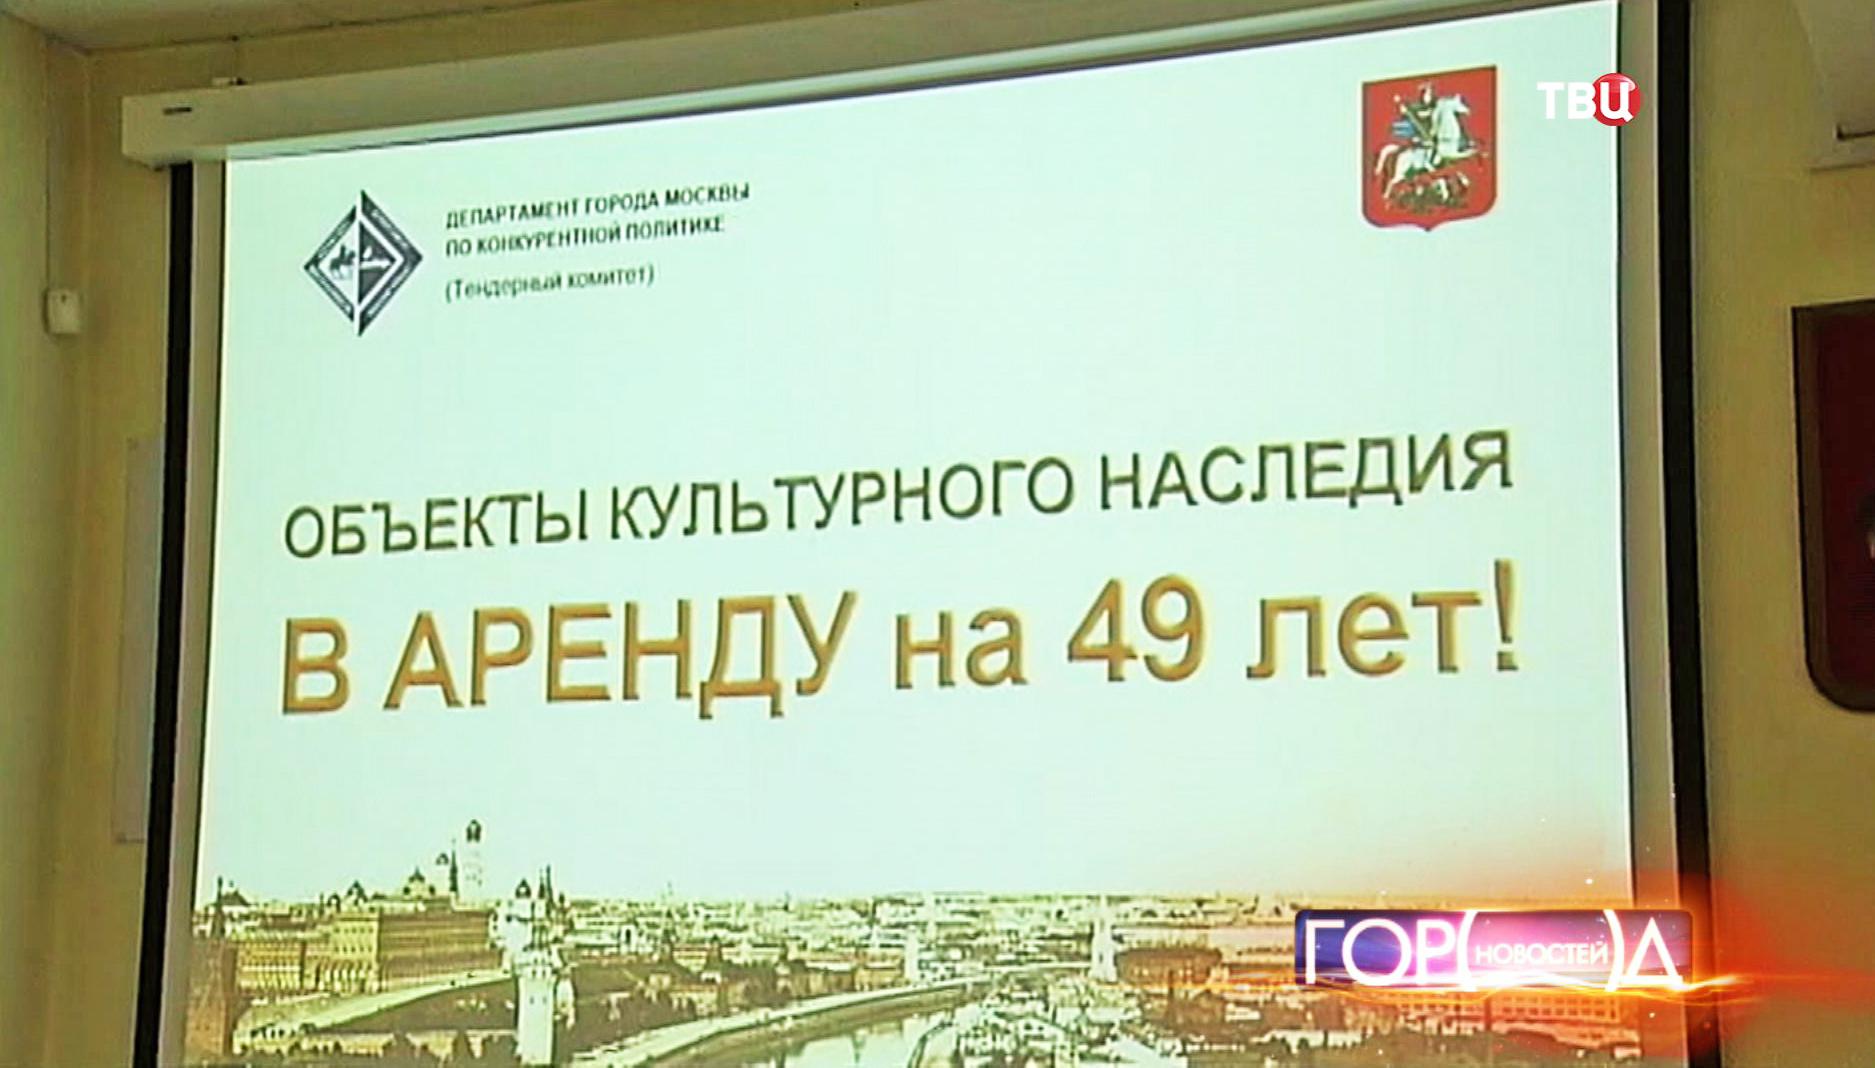 Презентация городских объектов города Москвы